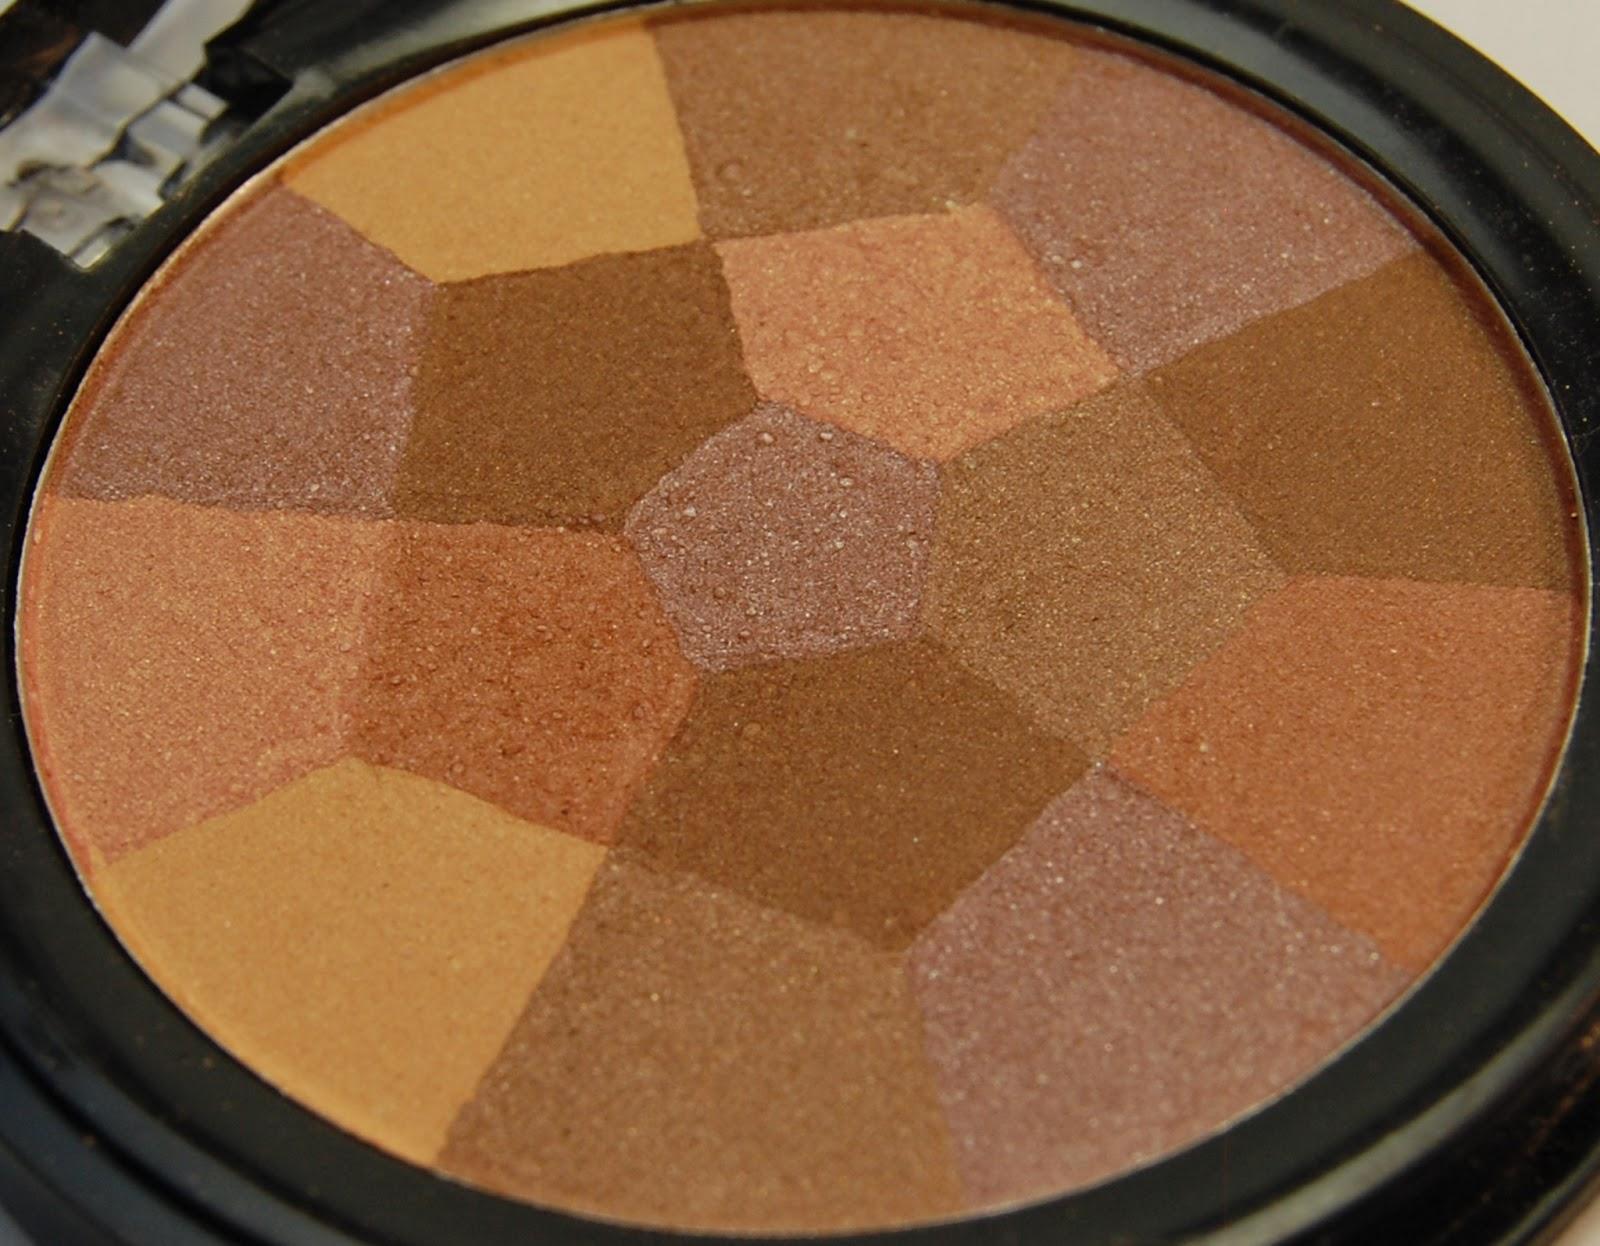 MUA Mosaic Bronzer Natural Glow, Shade 1